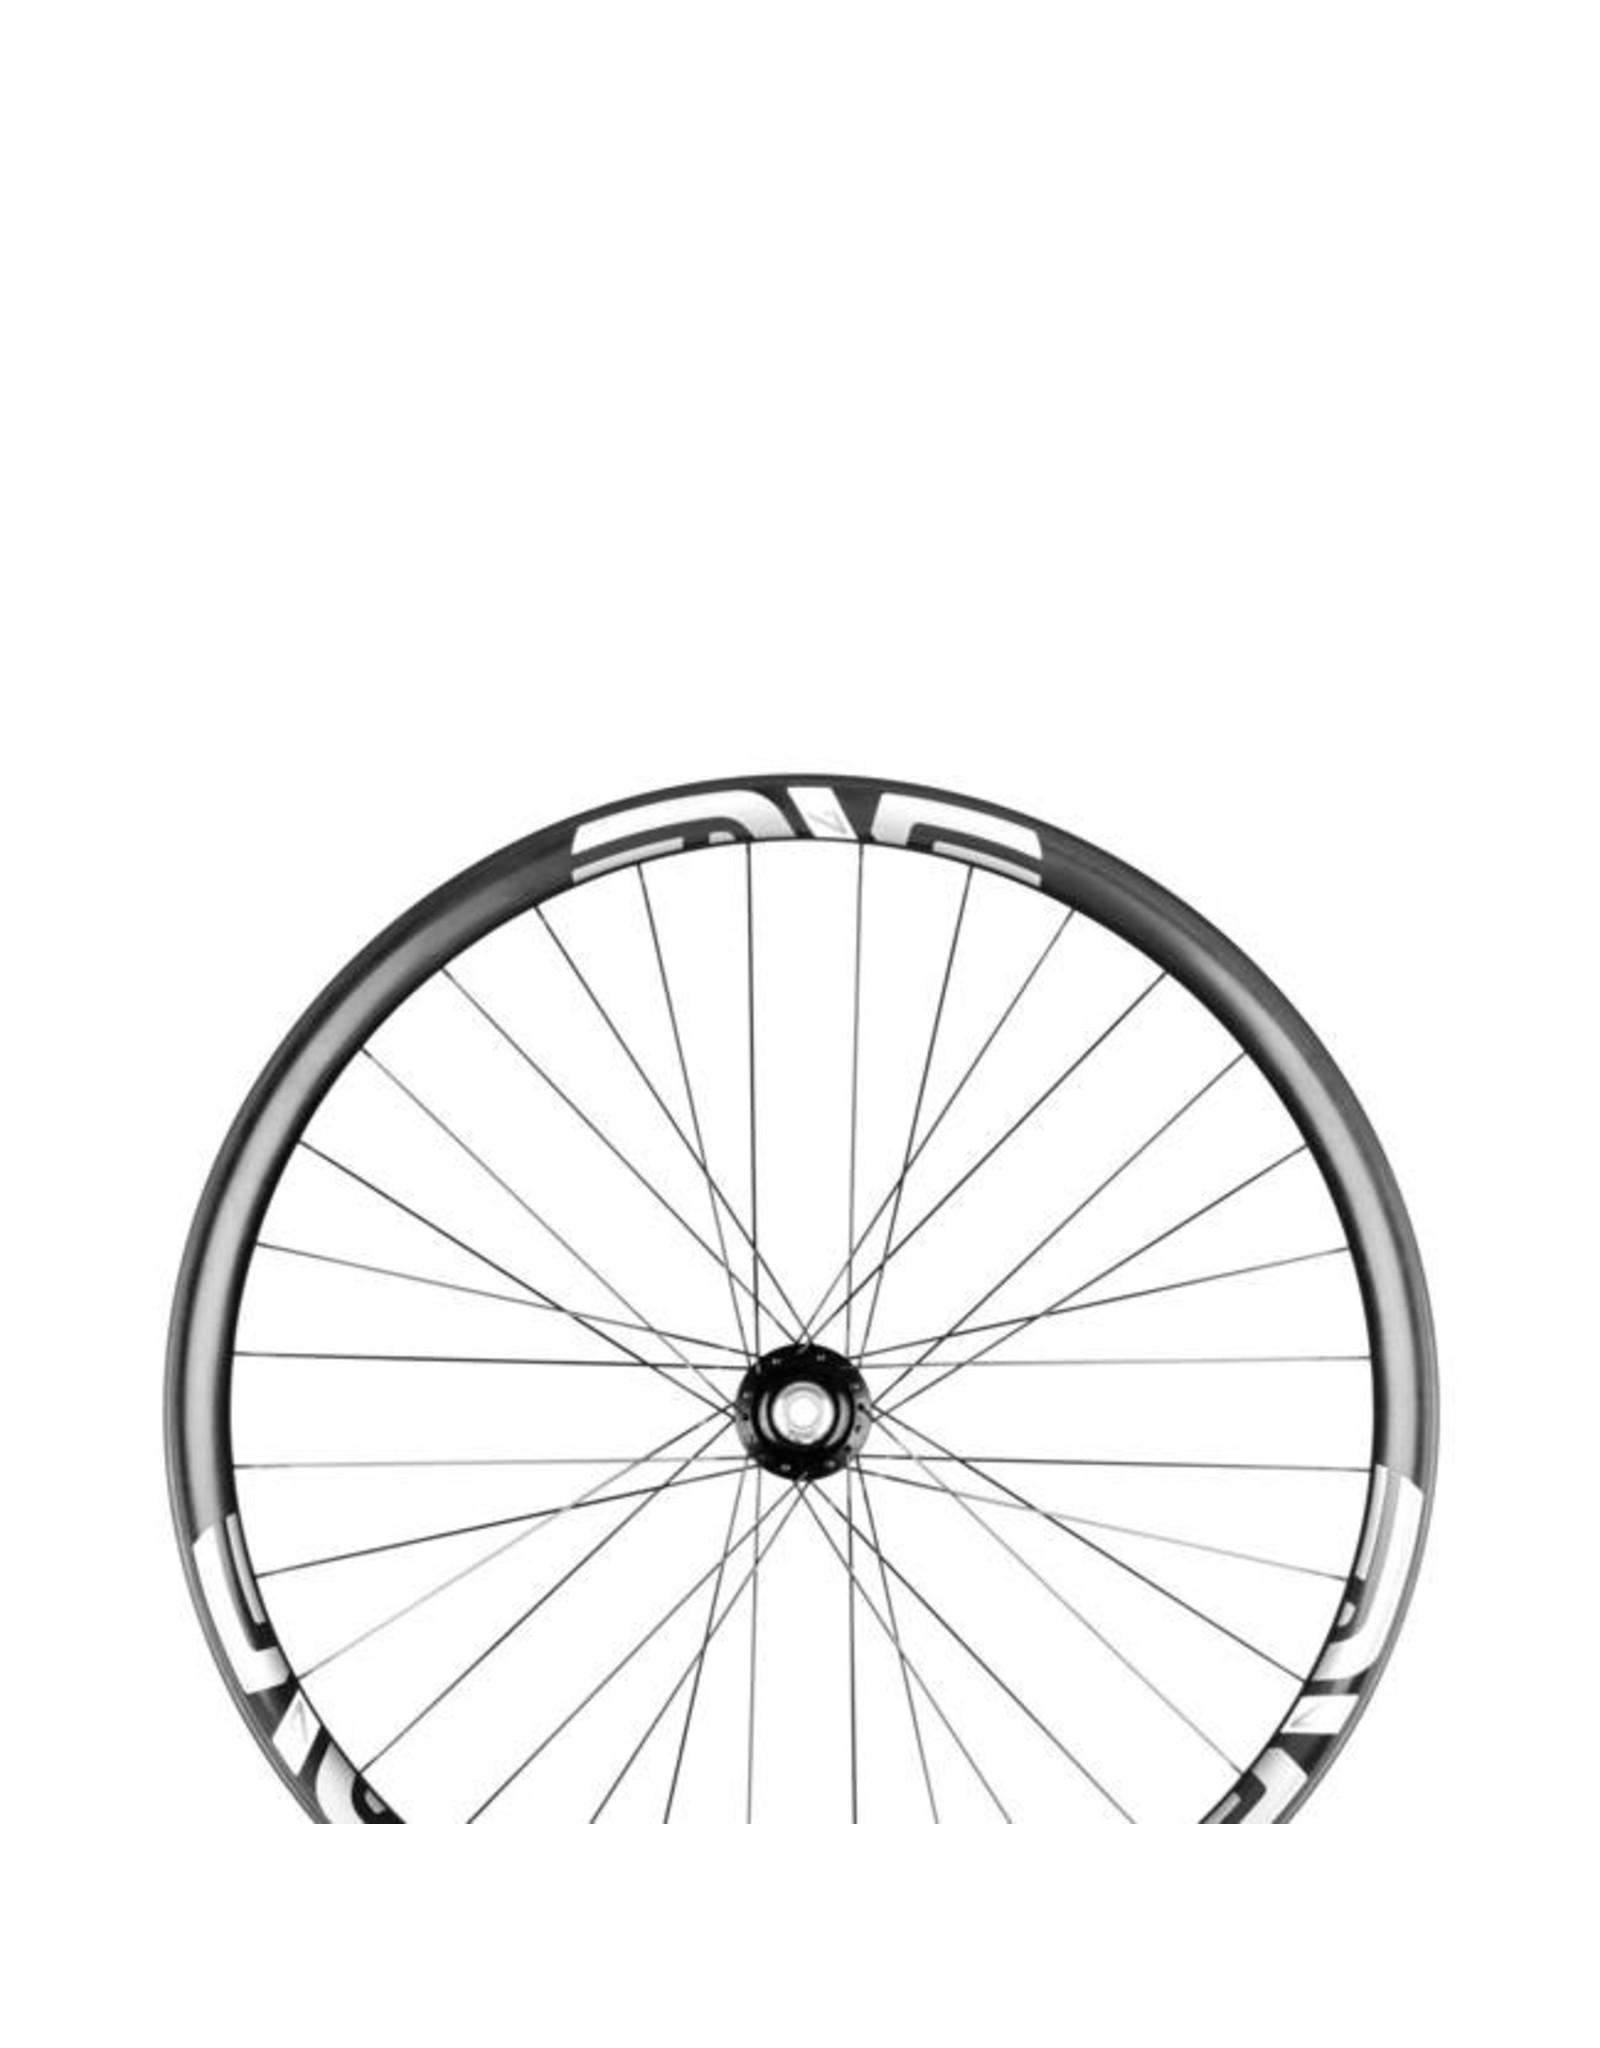 """ENVE Composites ENVE M730 29"""" Wheelset 15 x 110, 12 x 148mm Boost, DT-Swiss Centerlock, Shimano"""